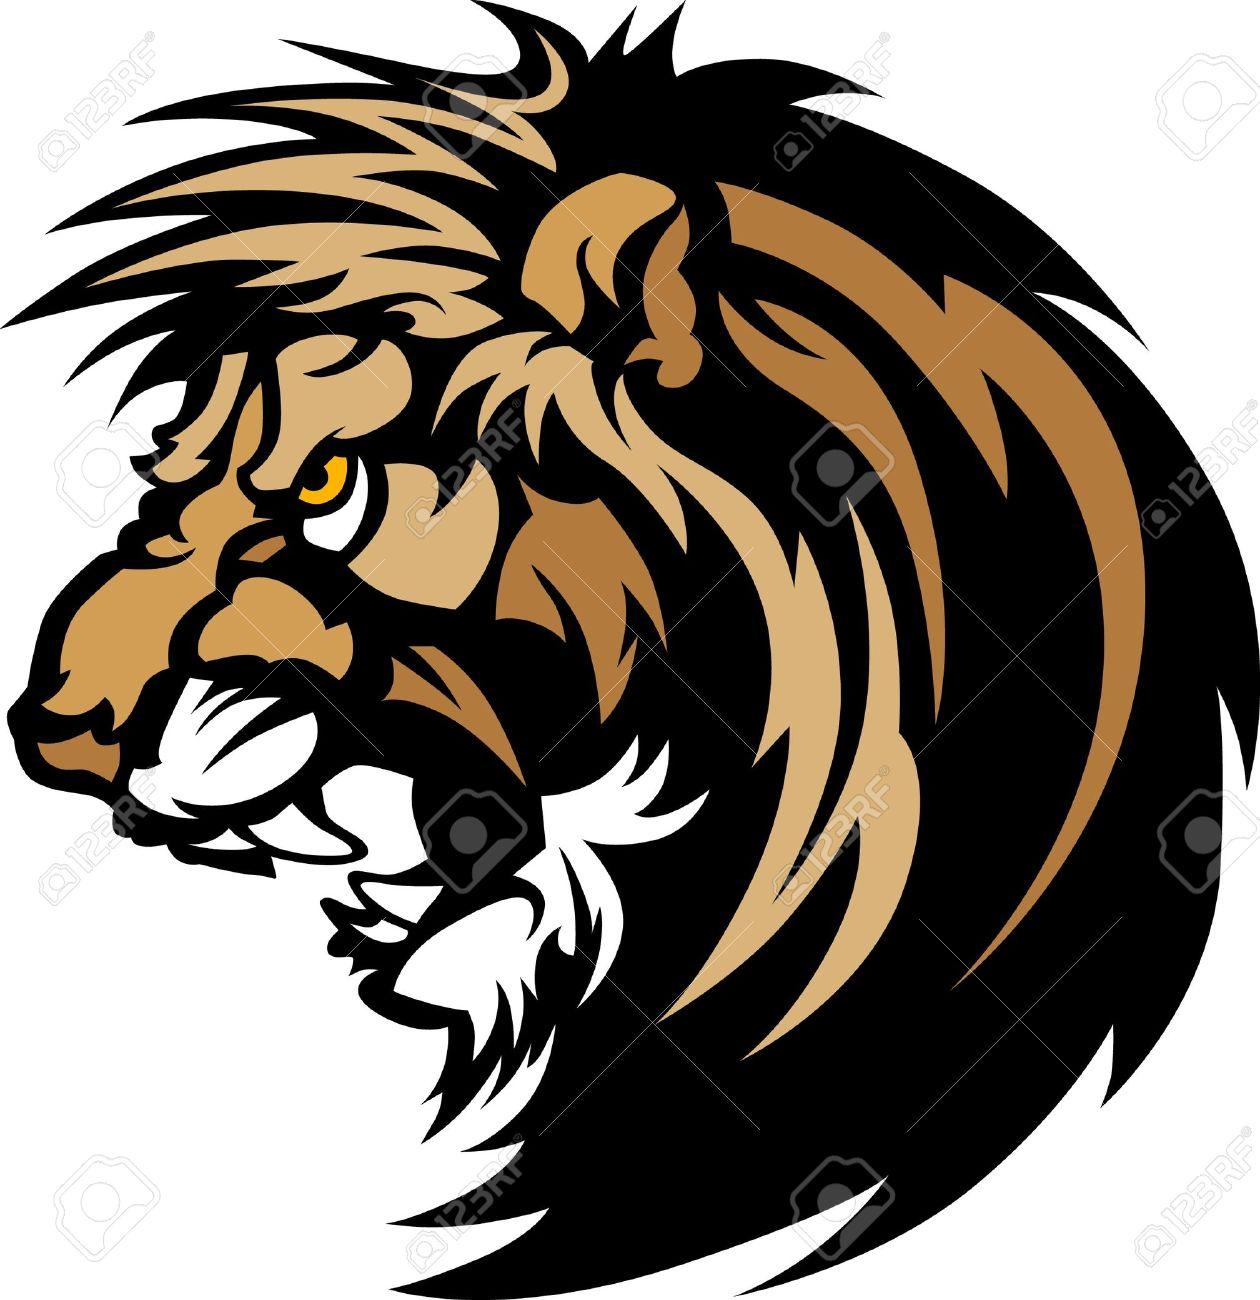 télécharger image logo lion